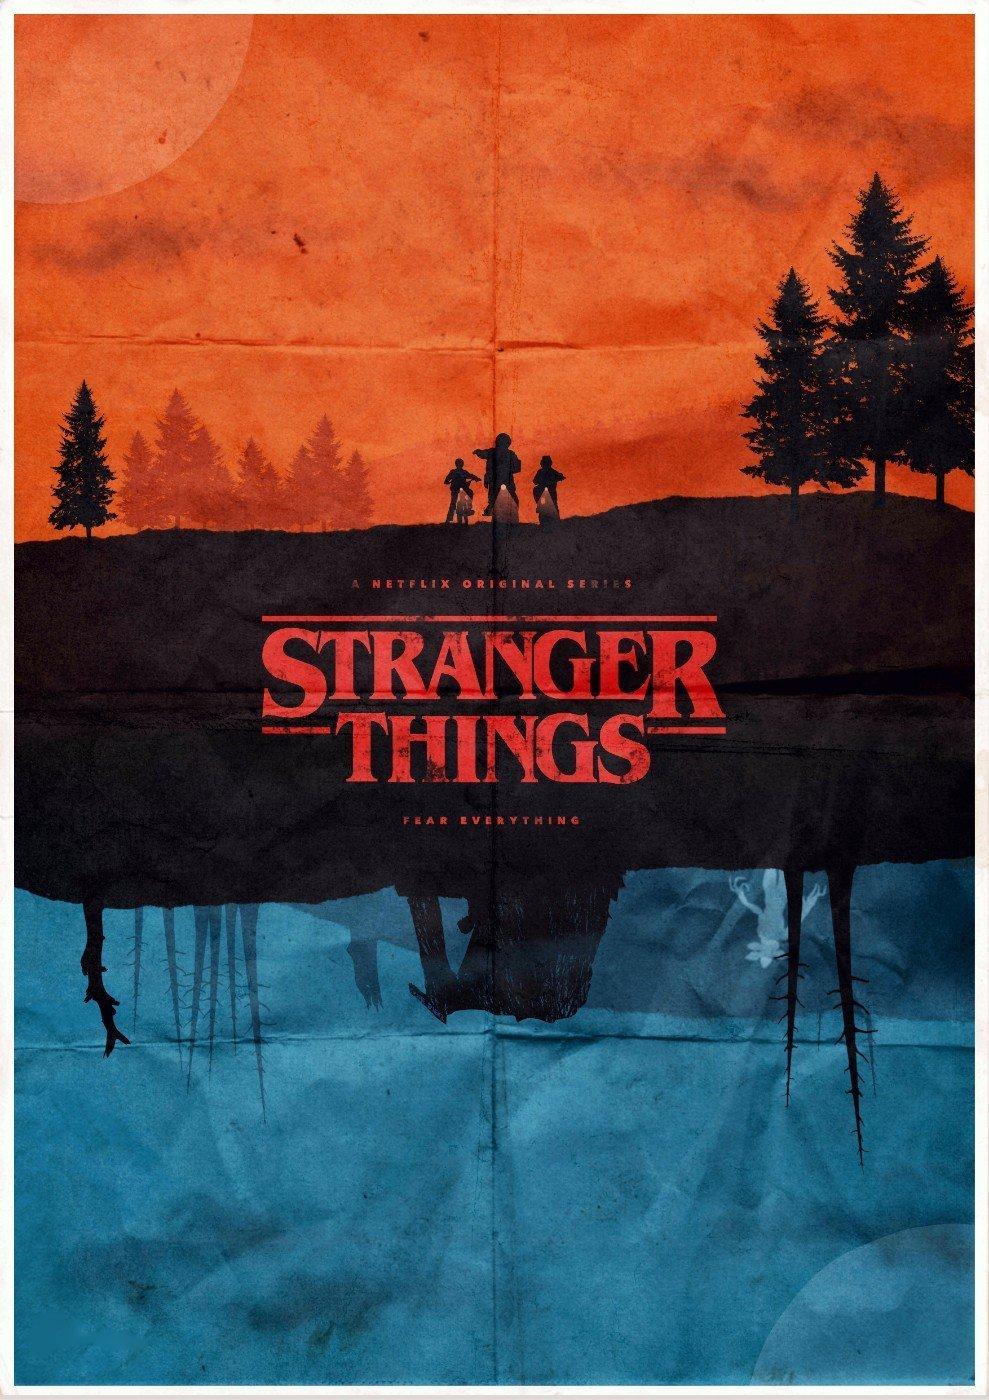 stranger_things_8_e526b359-6da2-4d4f-9dd1-80d1a175cea1